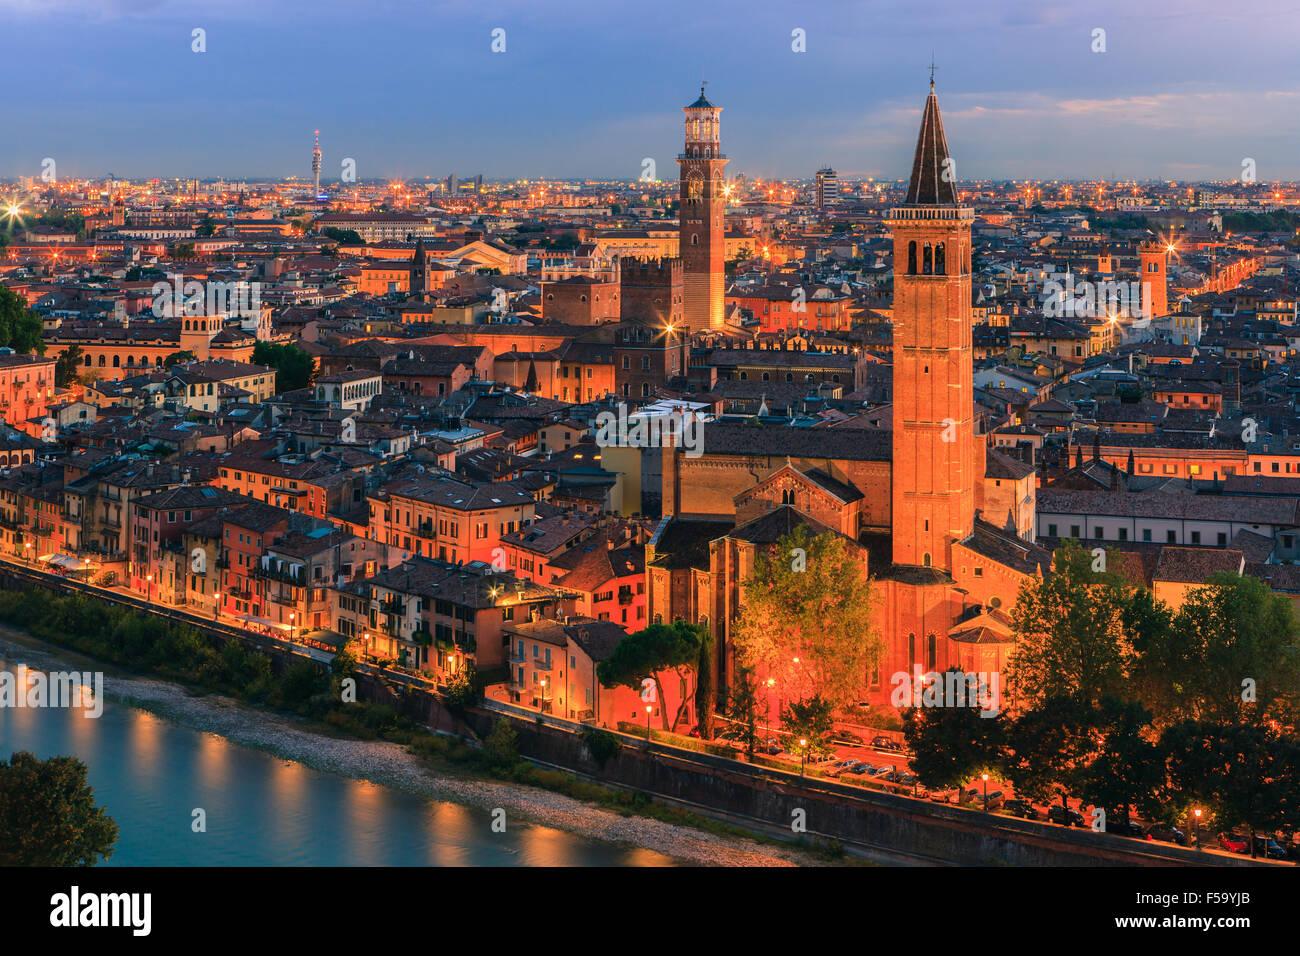 L'église Santa Anastasia et Torre dei Lamberti au crépuscule le long de l'Adige à Vérone, Photo Stock